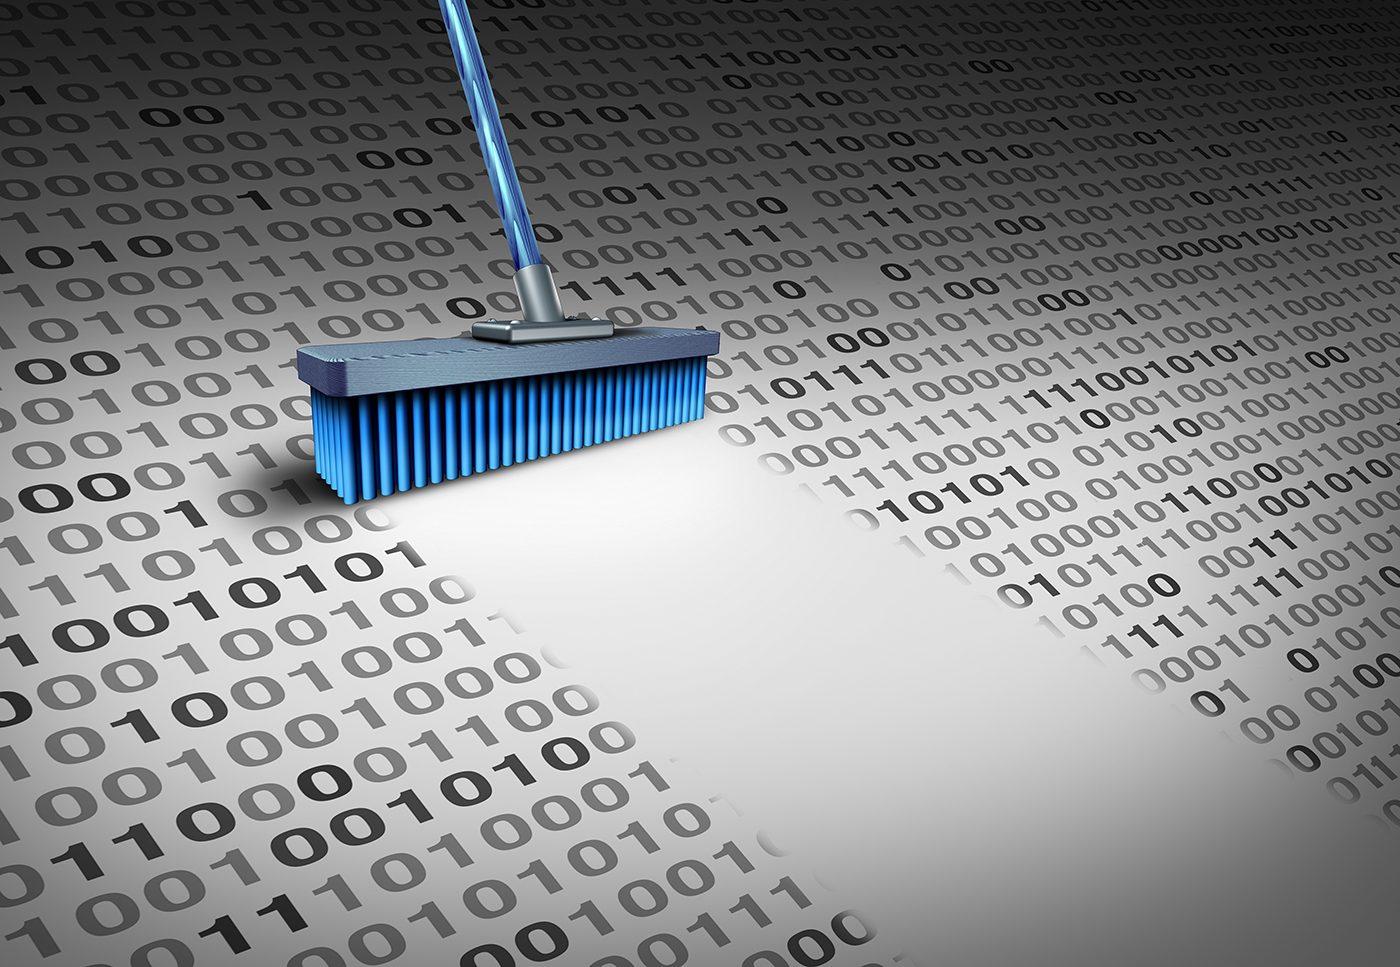 社内のデータの70%は価値がない?安全なデータ削除のメリットと進め方